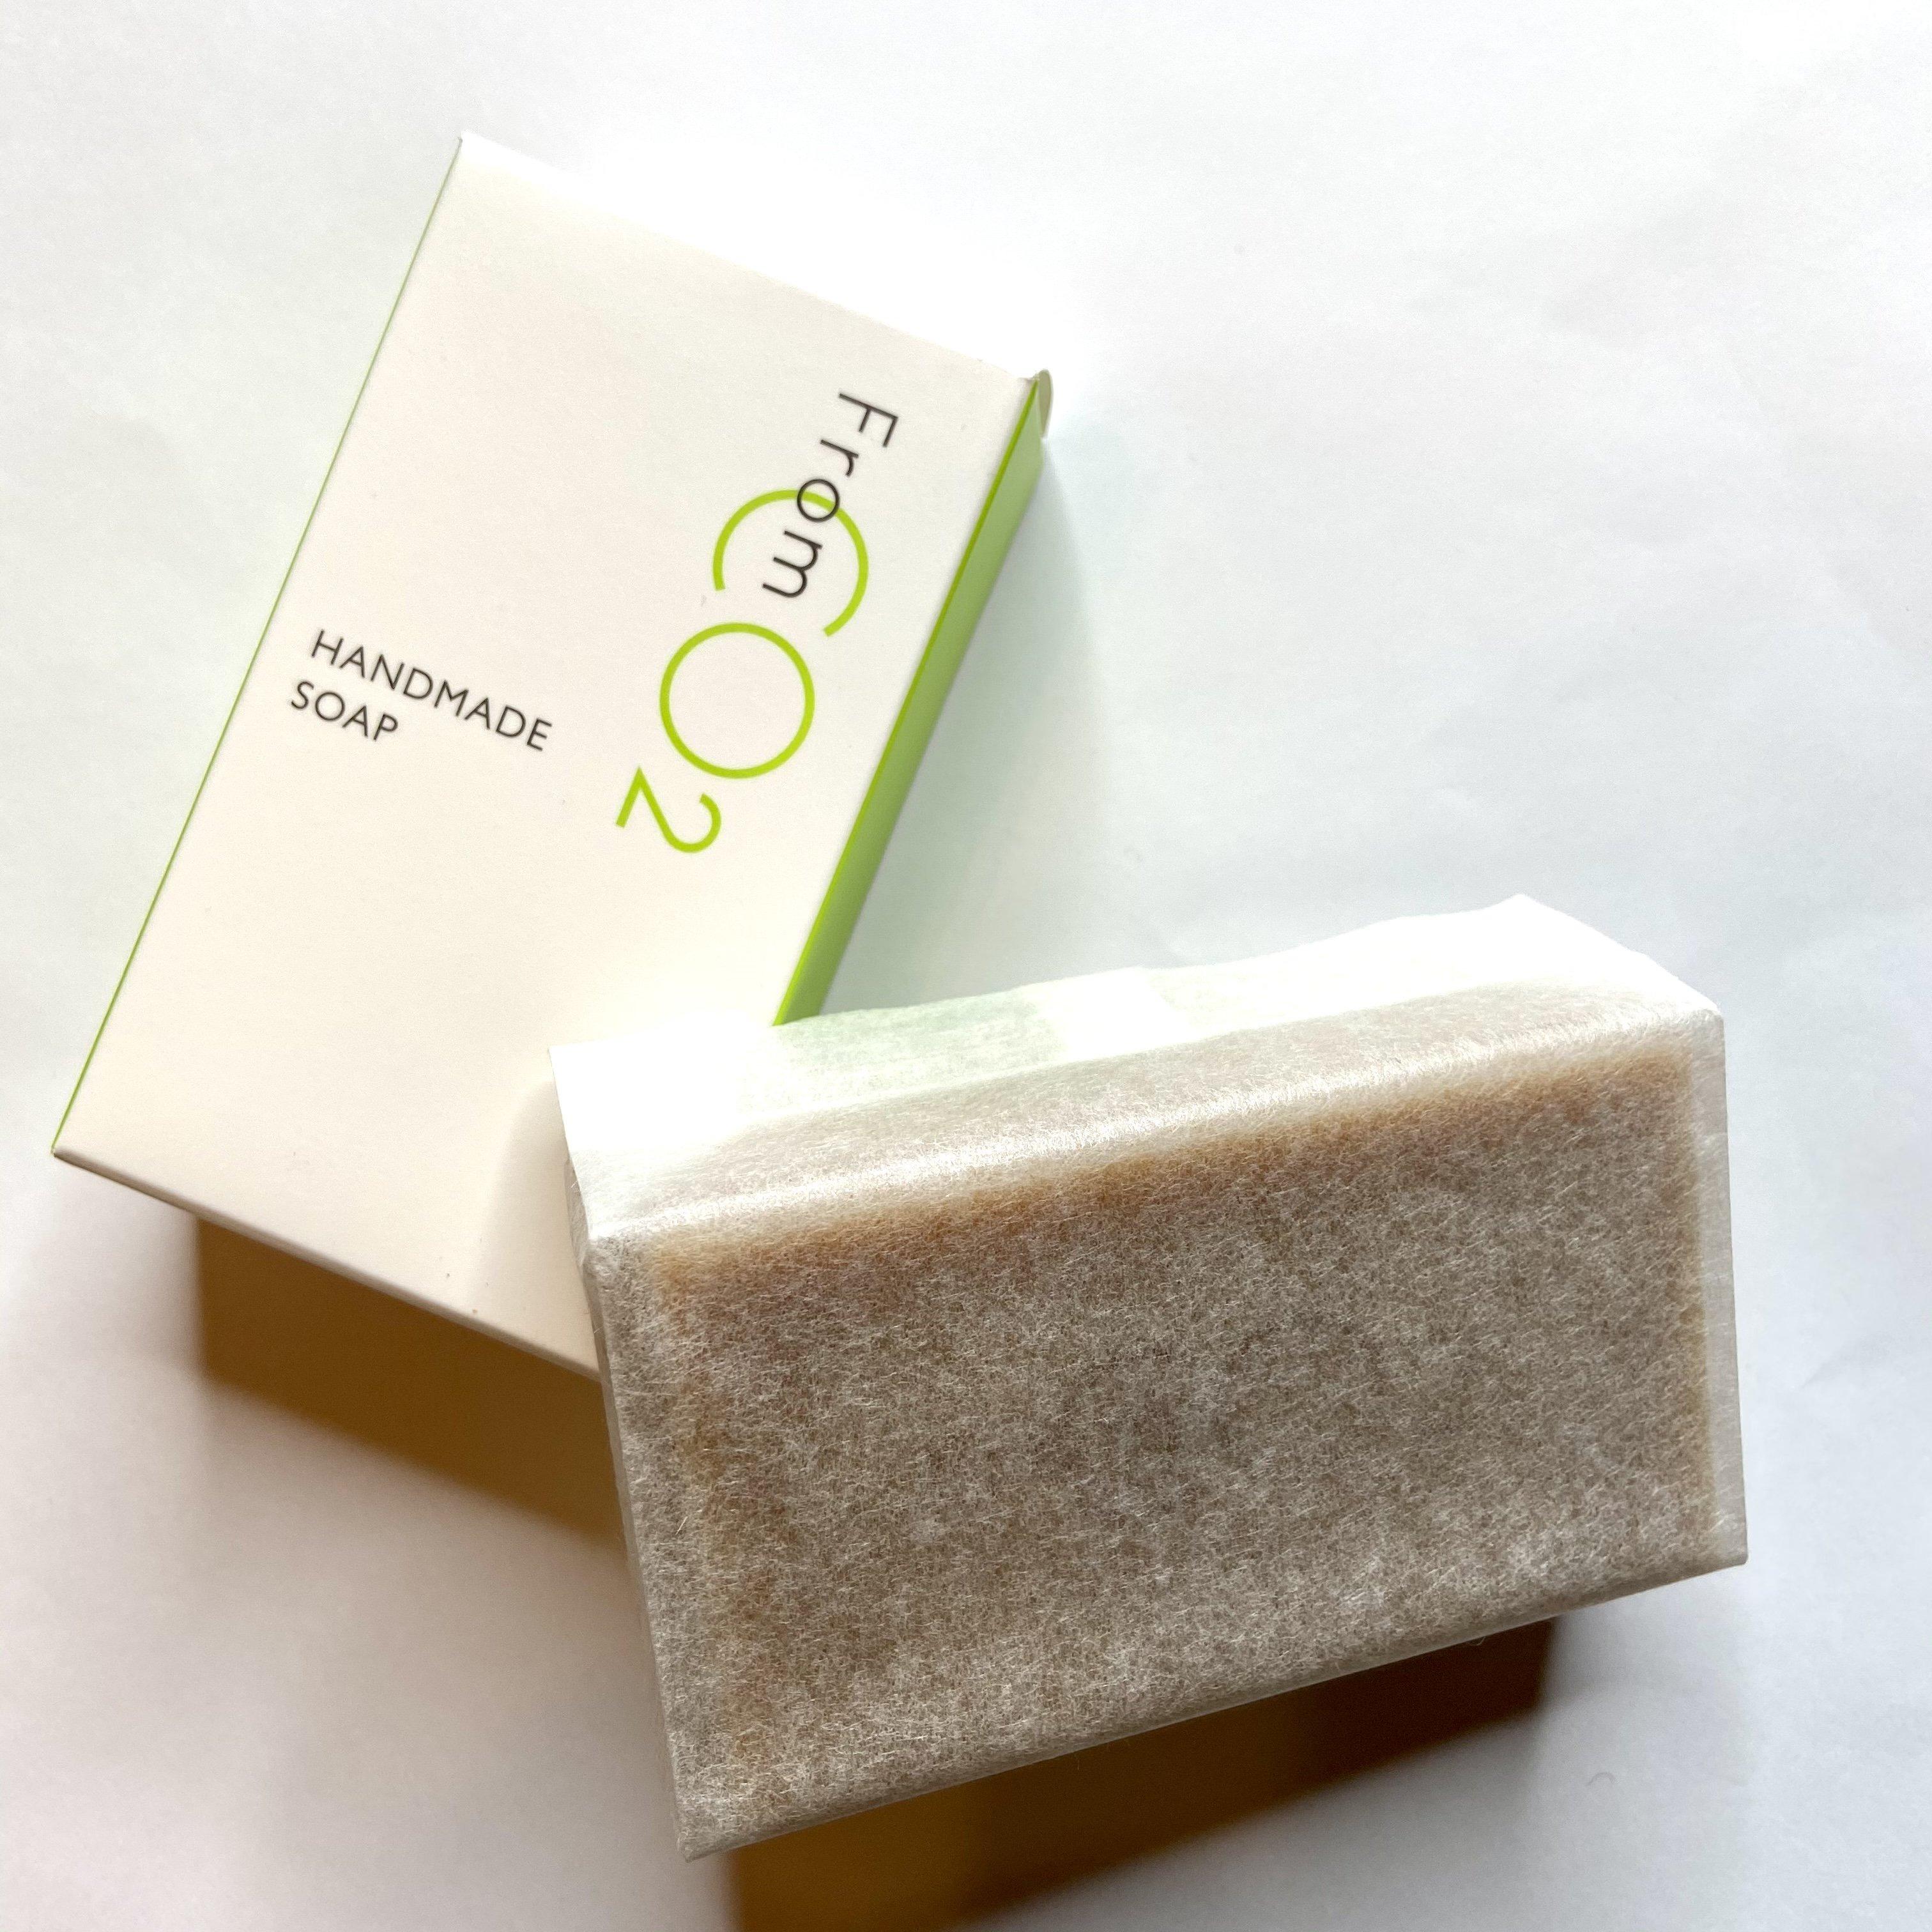 スキンケアジプシー救世主 炭酸美容 fromCO2 ハンドメイドソープ (枠練り石鹸)80g(サロン店頭)のイメージその3